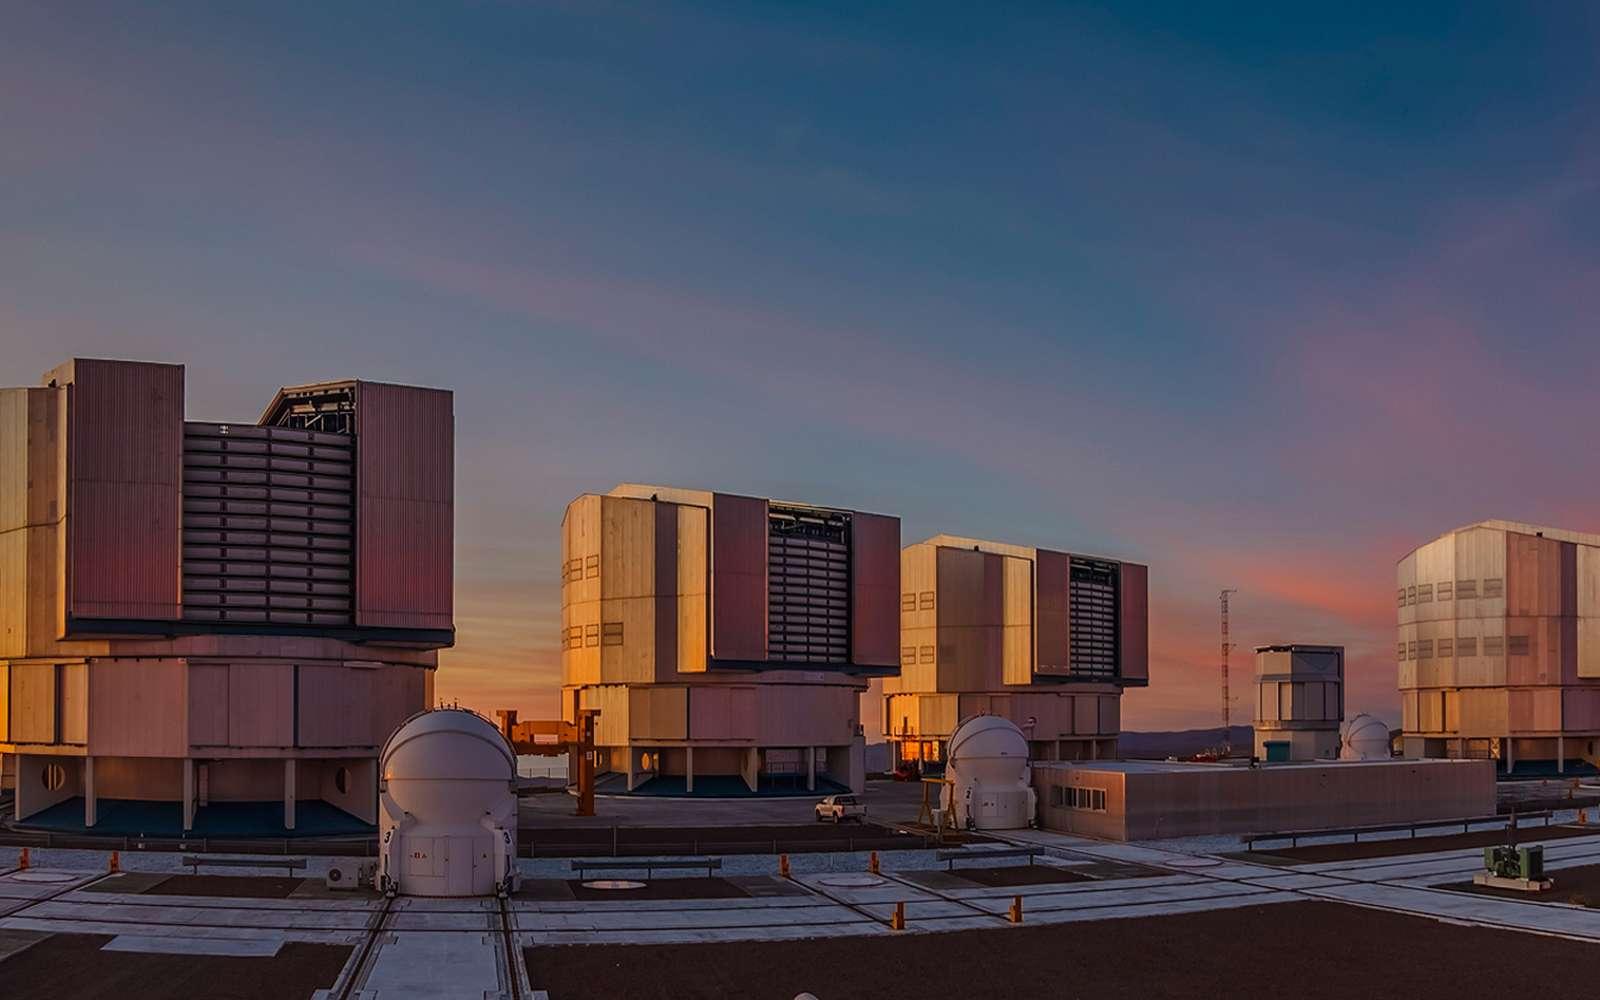 Le Cerro Paranal est une montagne du désert d'Atacama (Chili) devenu célèbre après l'installation en son sommet d'un observatoire astronomique européen. Là, il fait beau 330 jours par an. Loin de toute pollution atmosphérique — y compris de type vapeur d'eau — et lumineuse, le site jouit d'un ciel d'une pureté exceptionnelle.La construction des quatre grands télescopes qui composent le Very Large Telescope (VLT) a débuté en 1998 à quelque 2.600 mètres d'altitude. Depuis, le VLT, l'un des télescopes les plus évolués au monde, a tenu toutes ses promesses. © Marcio Cabral, Tous droits réservés